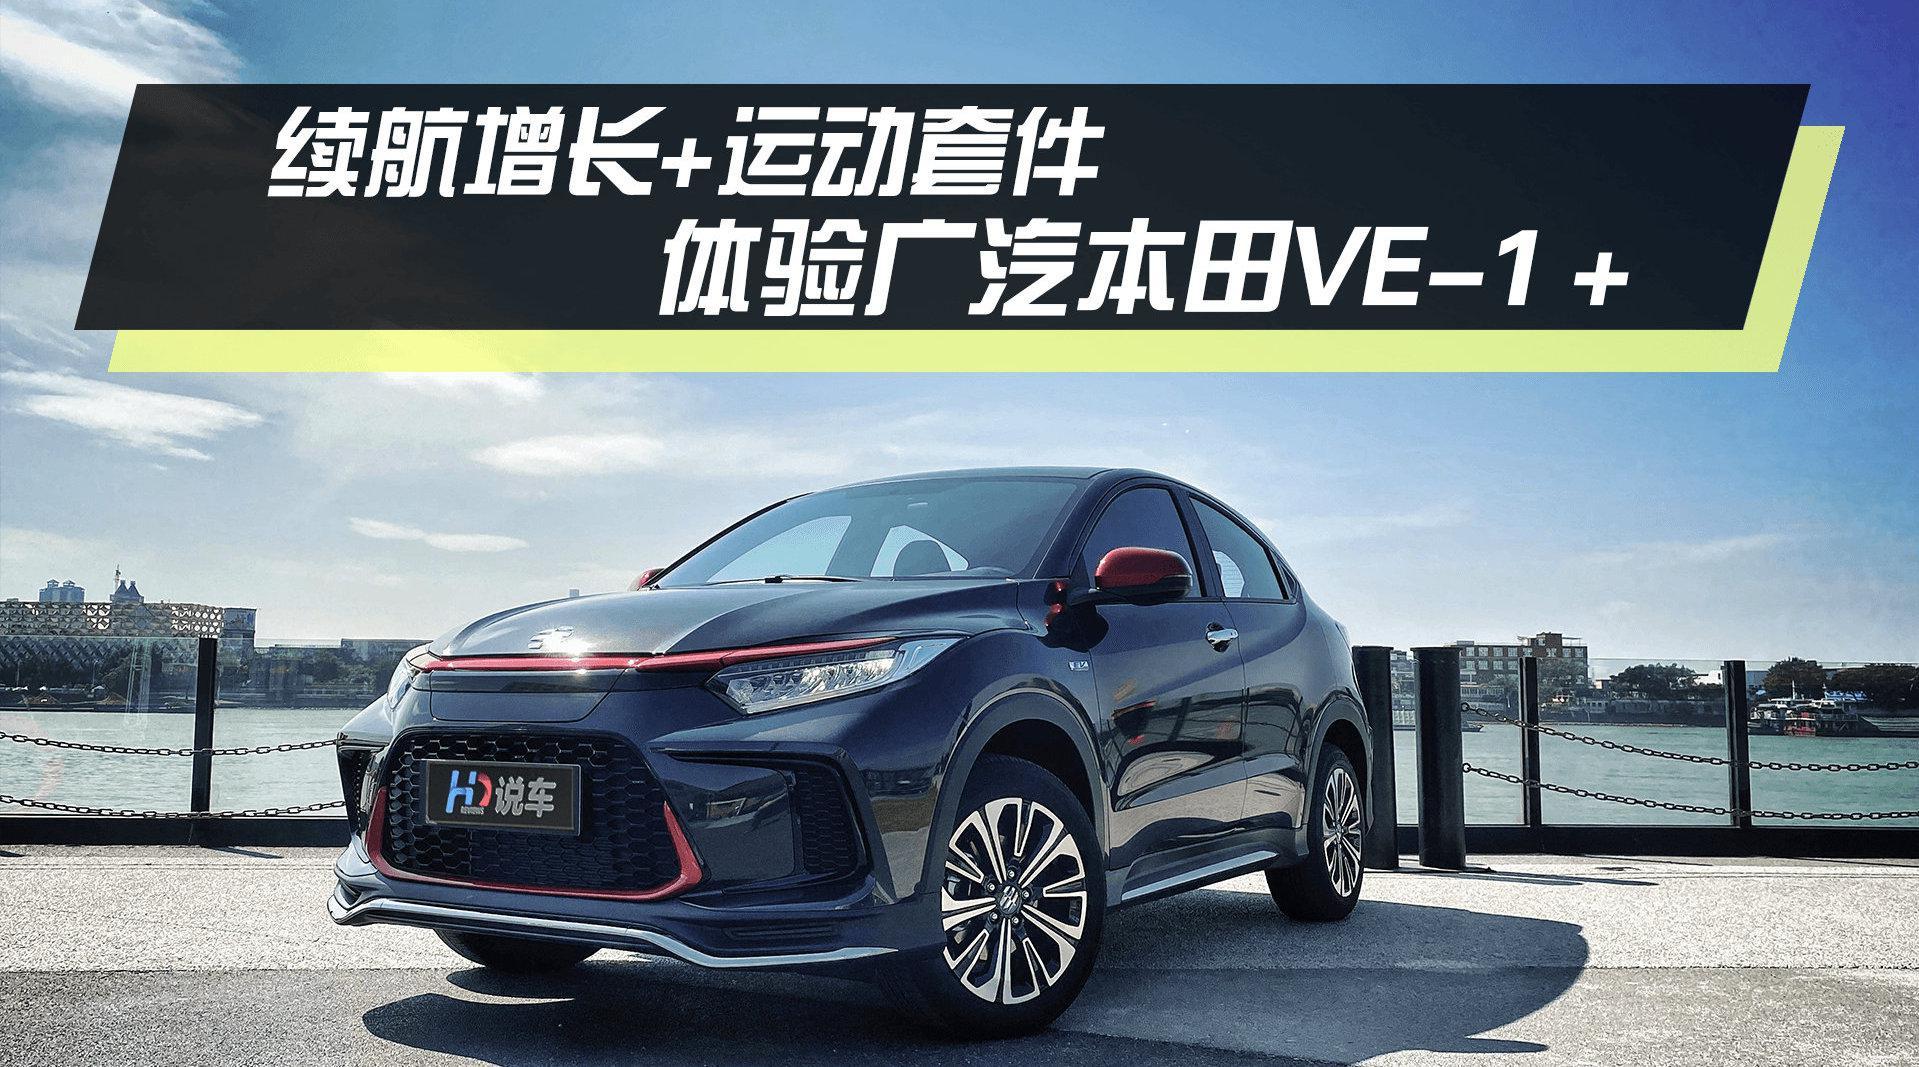 续航增长 运动套件 体验广汽本田VE-1